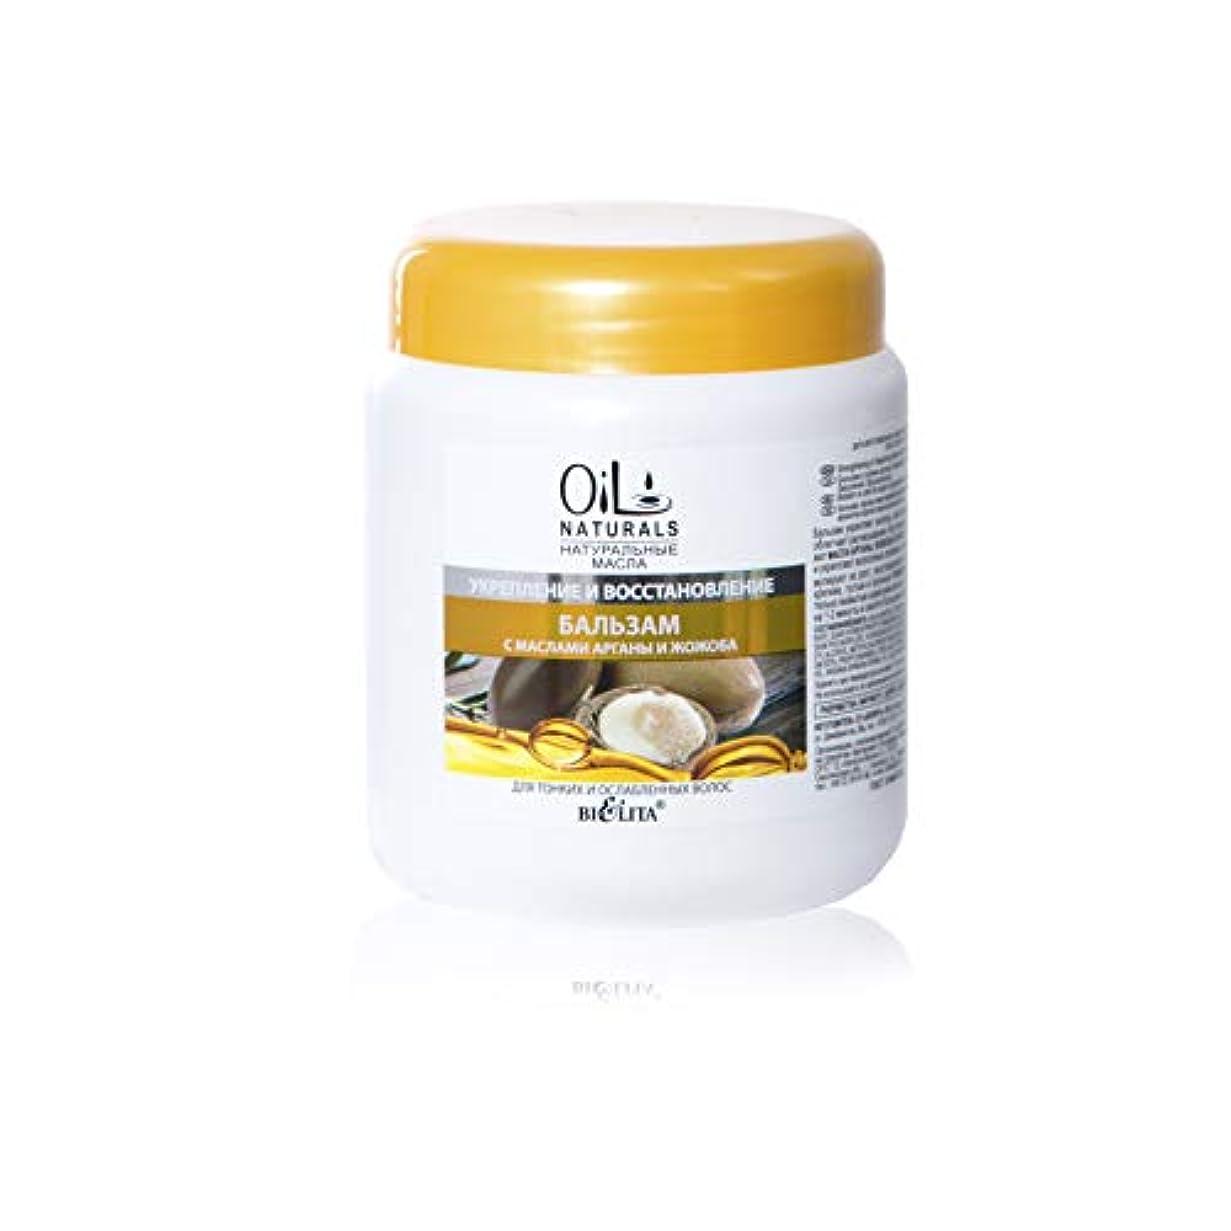 メジャー数学的ないつかBielita & Vitex Oil Naturals Line | Strengthening Balm for Thin and Weak Hair, for All Hair Types, 450 ml | Argan...